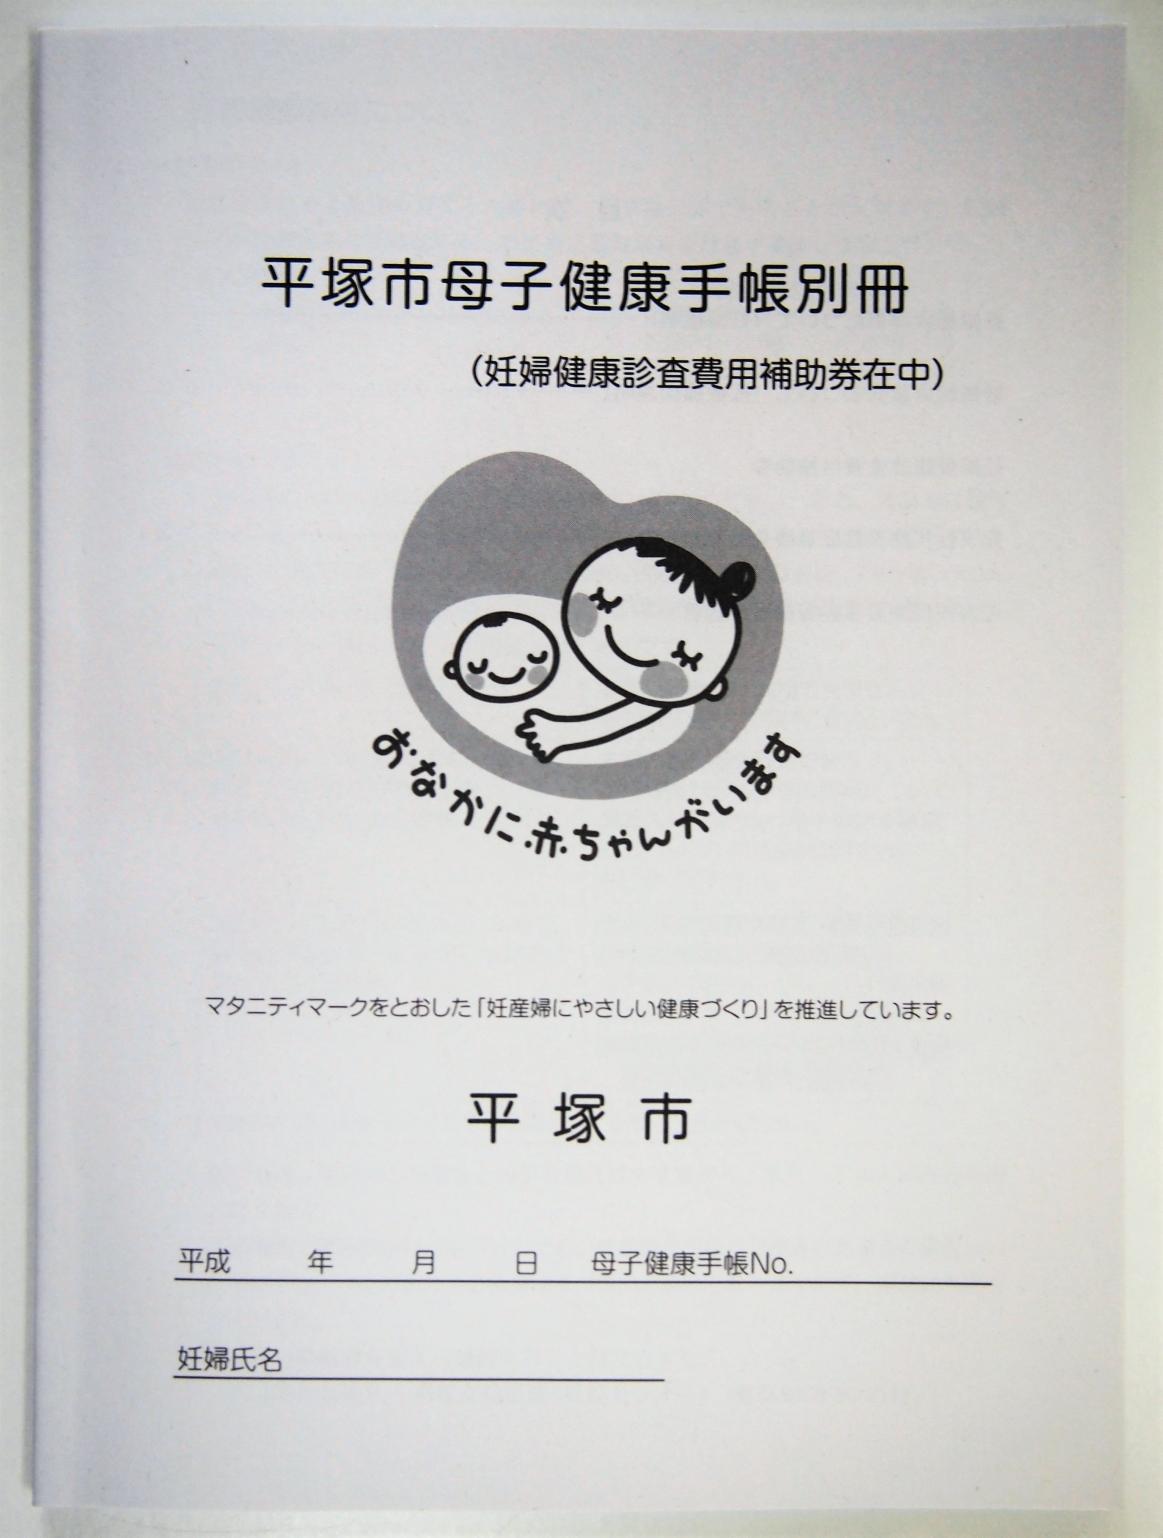 平塚市母子健康手帳別冊のデザイン・印刷